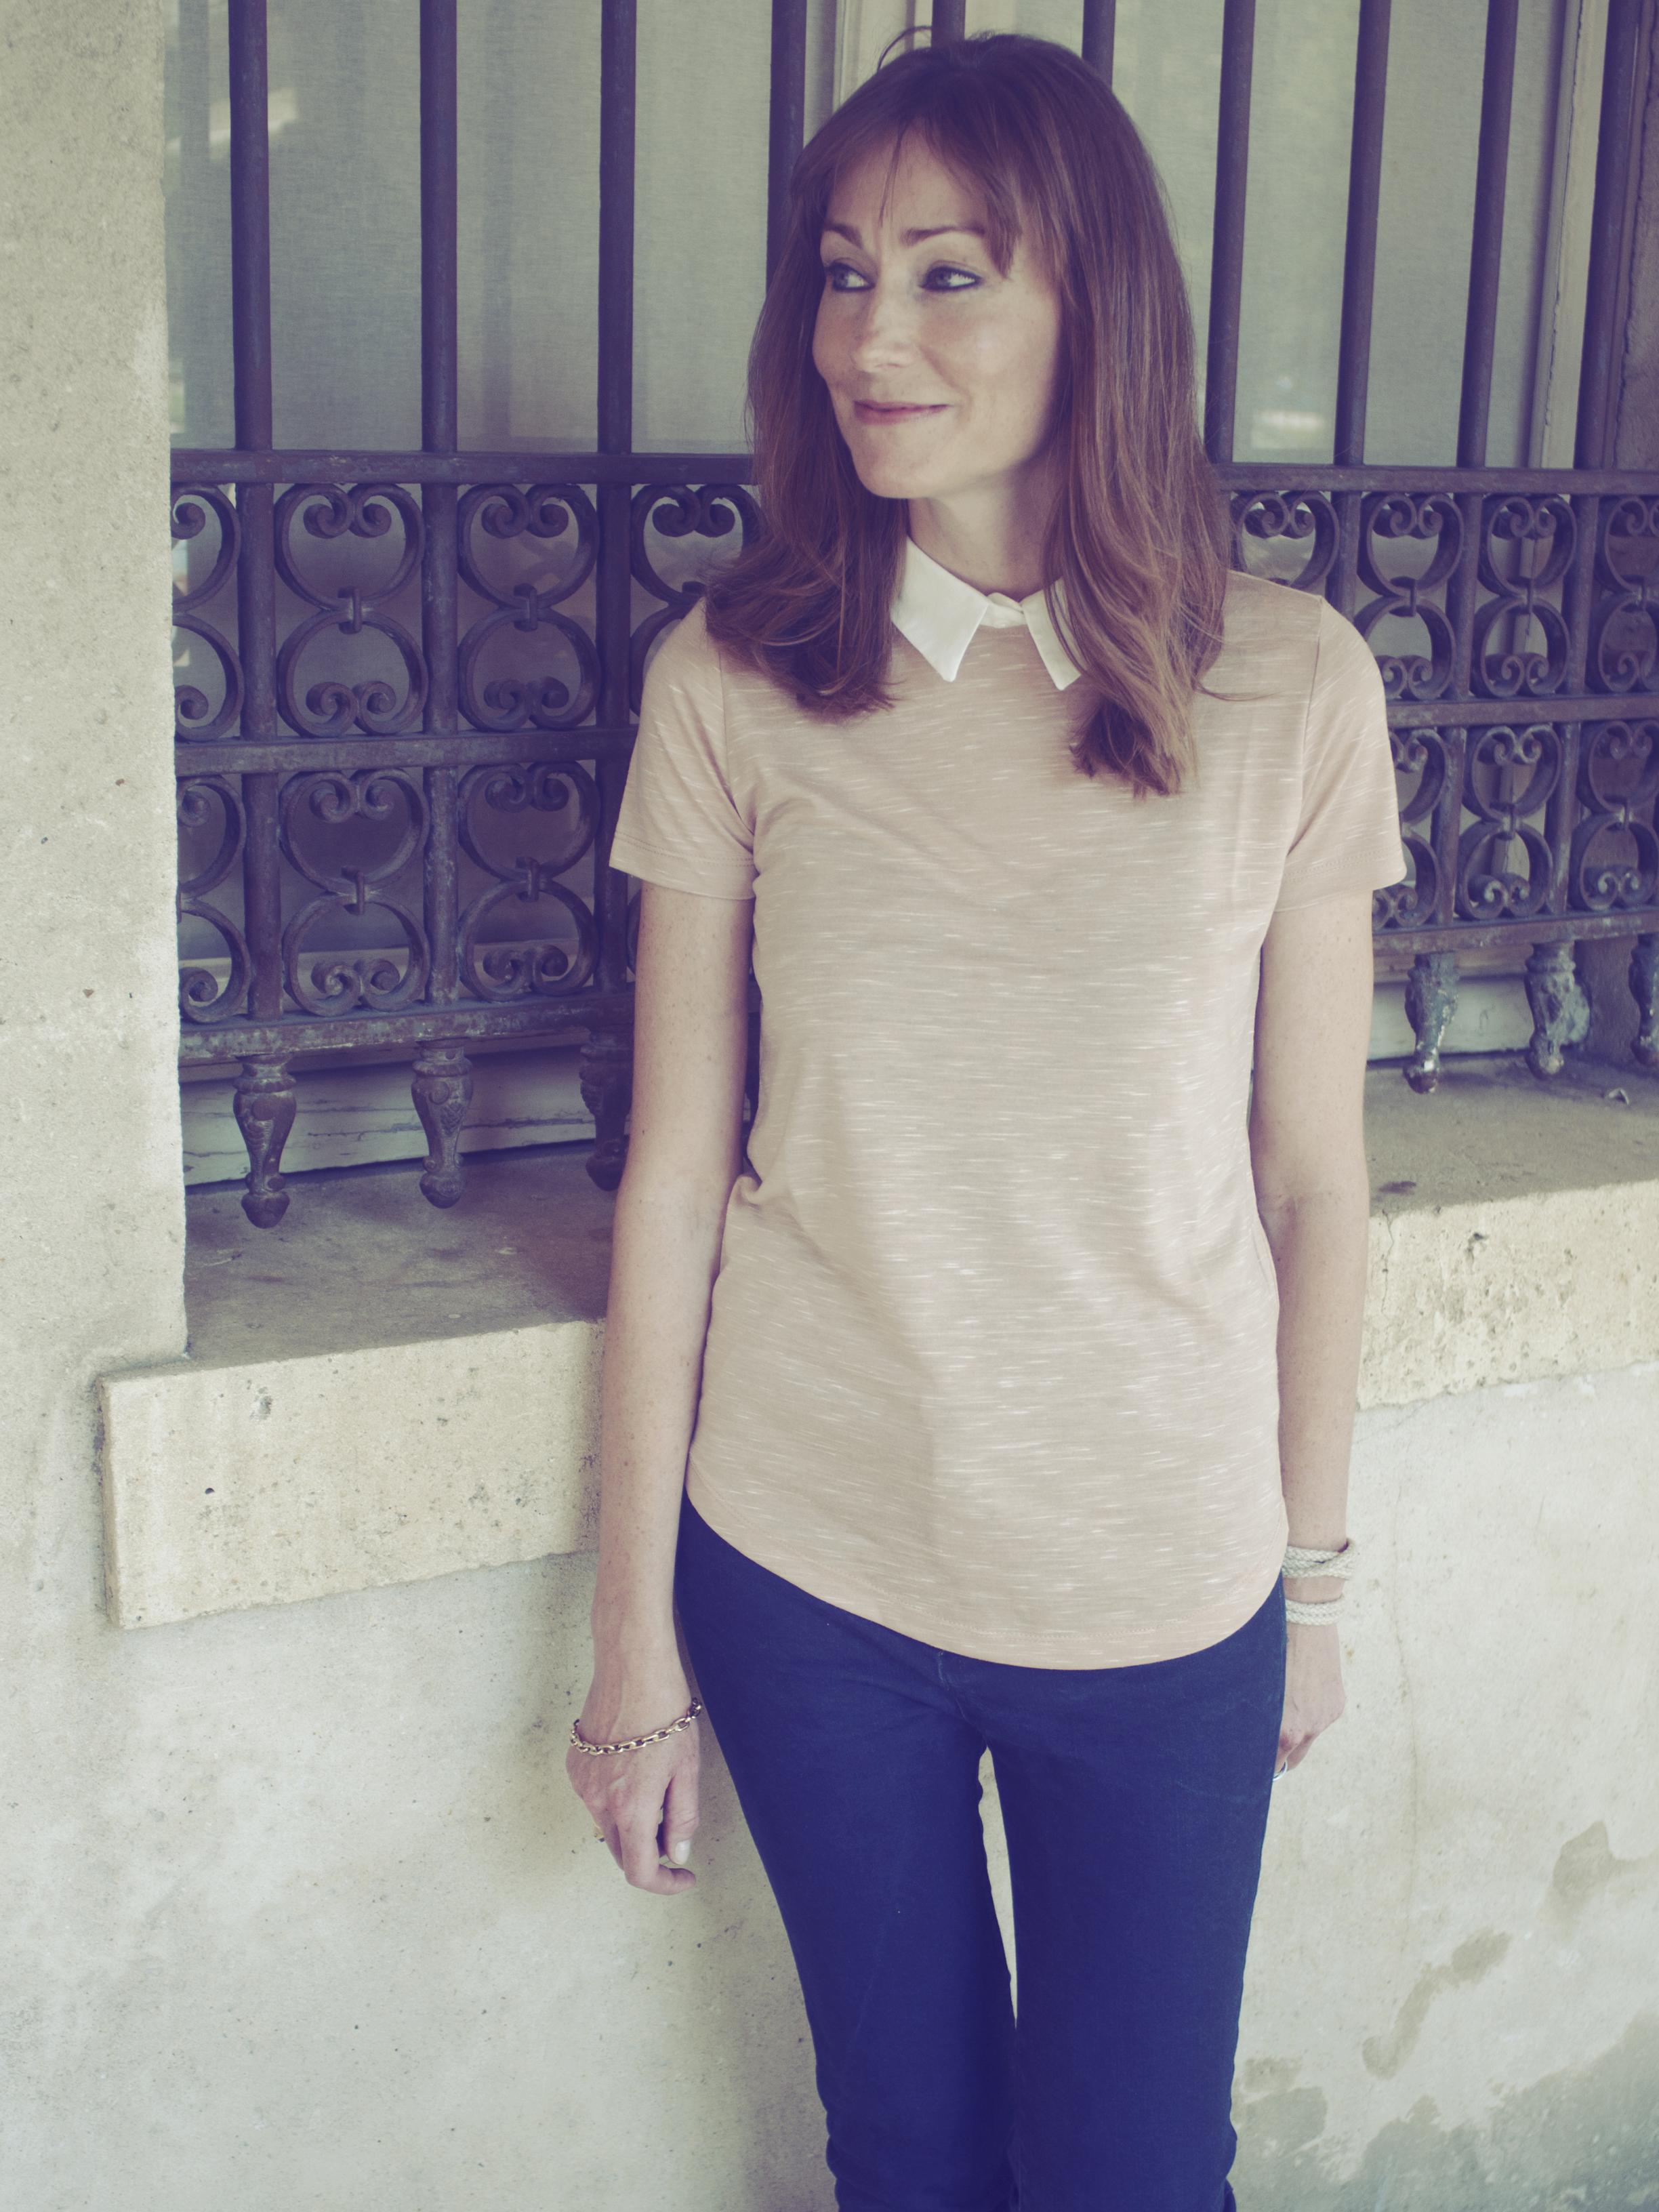 Rachel Kollerup